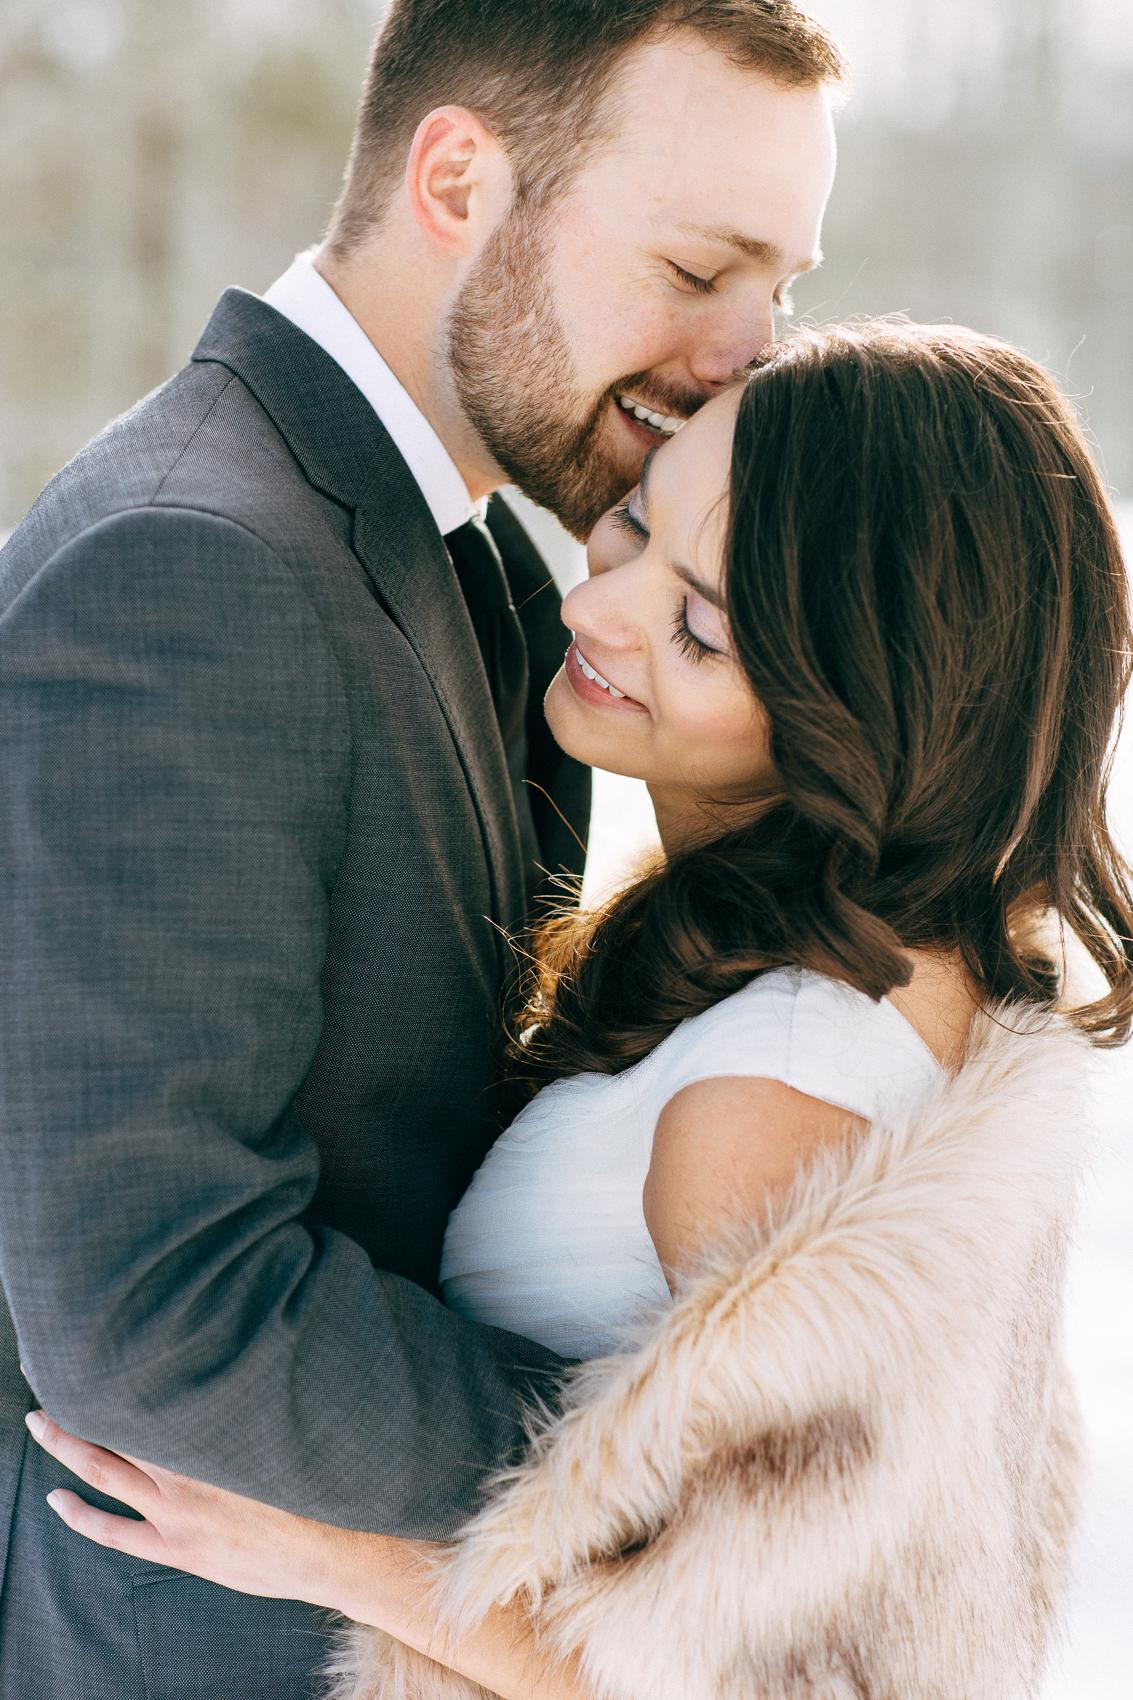 weddings-fth-7.jpg